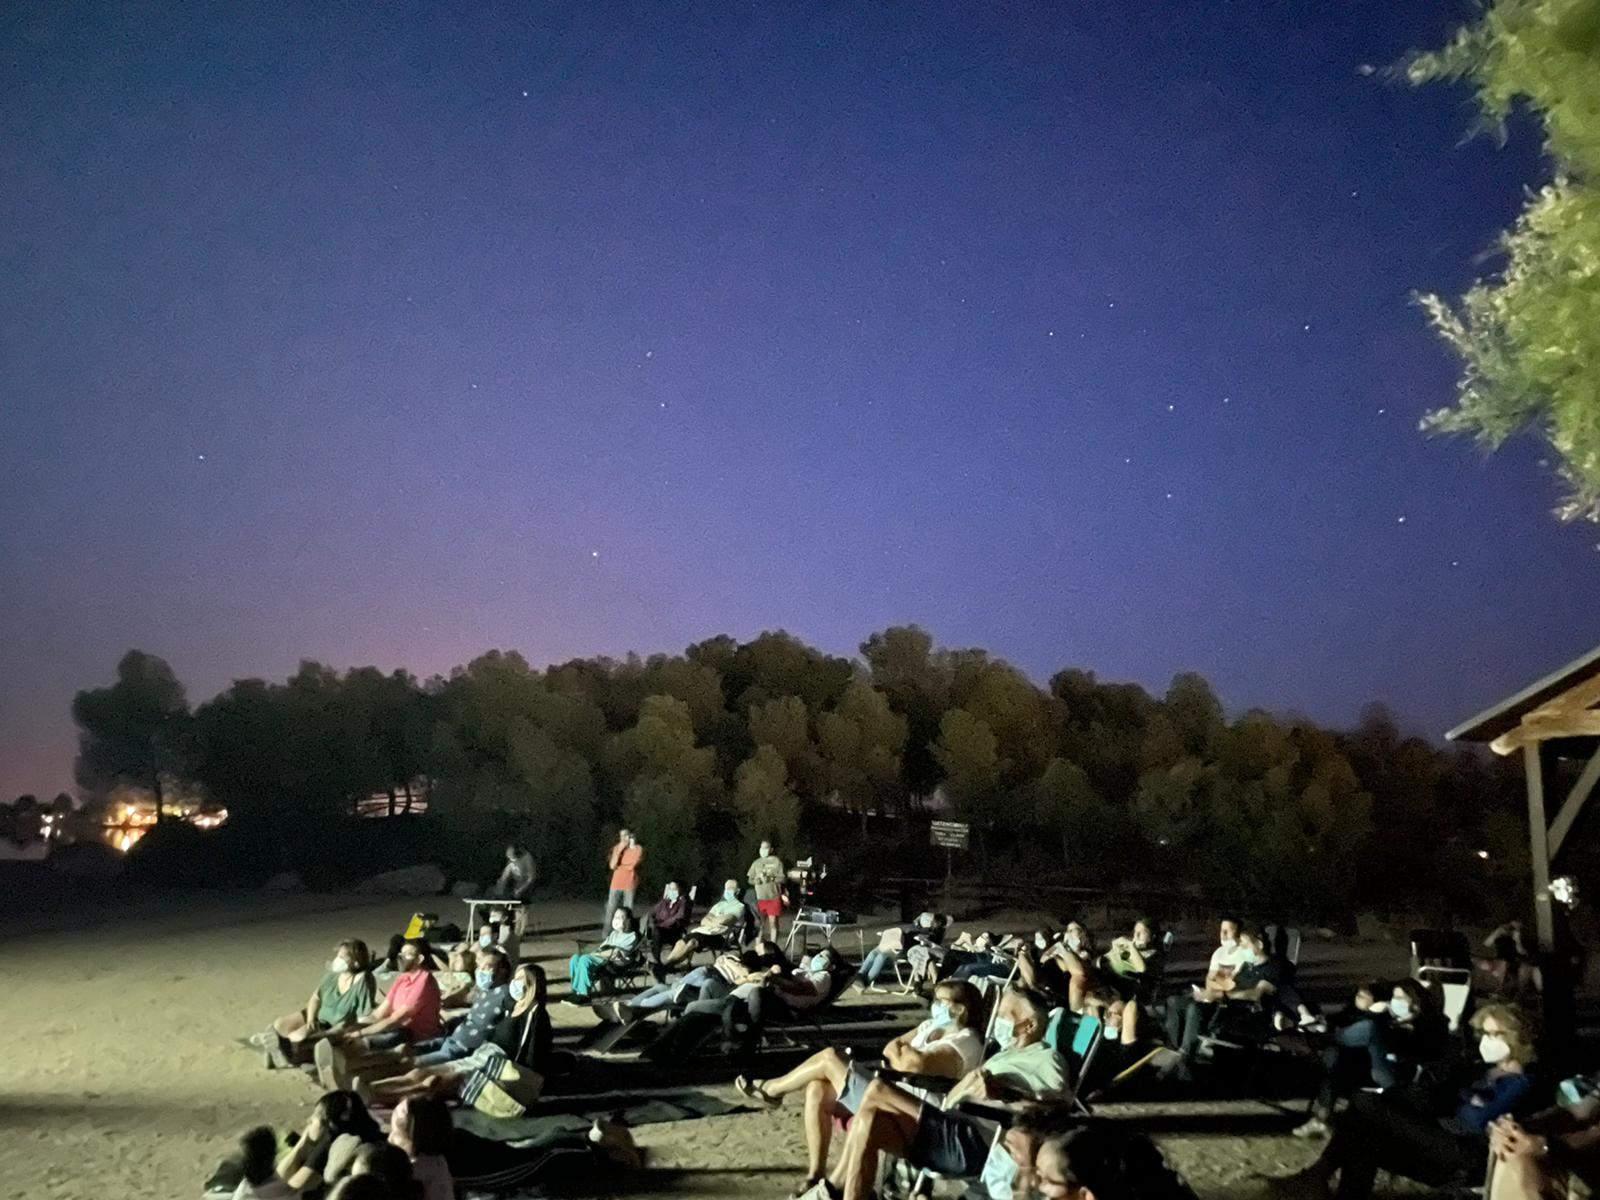 Vuelve el Escribano palustre a las Lagunas de Villafranca, una prueba más de la necesidad de conservar este ecosistema 20